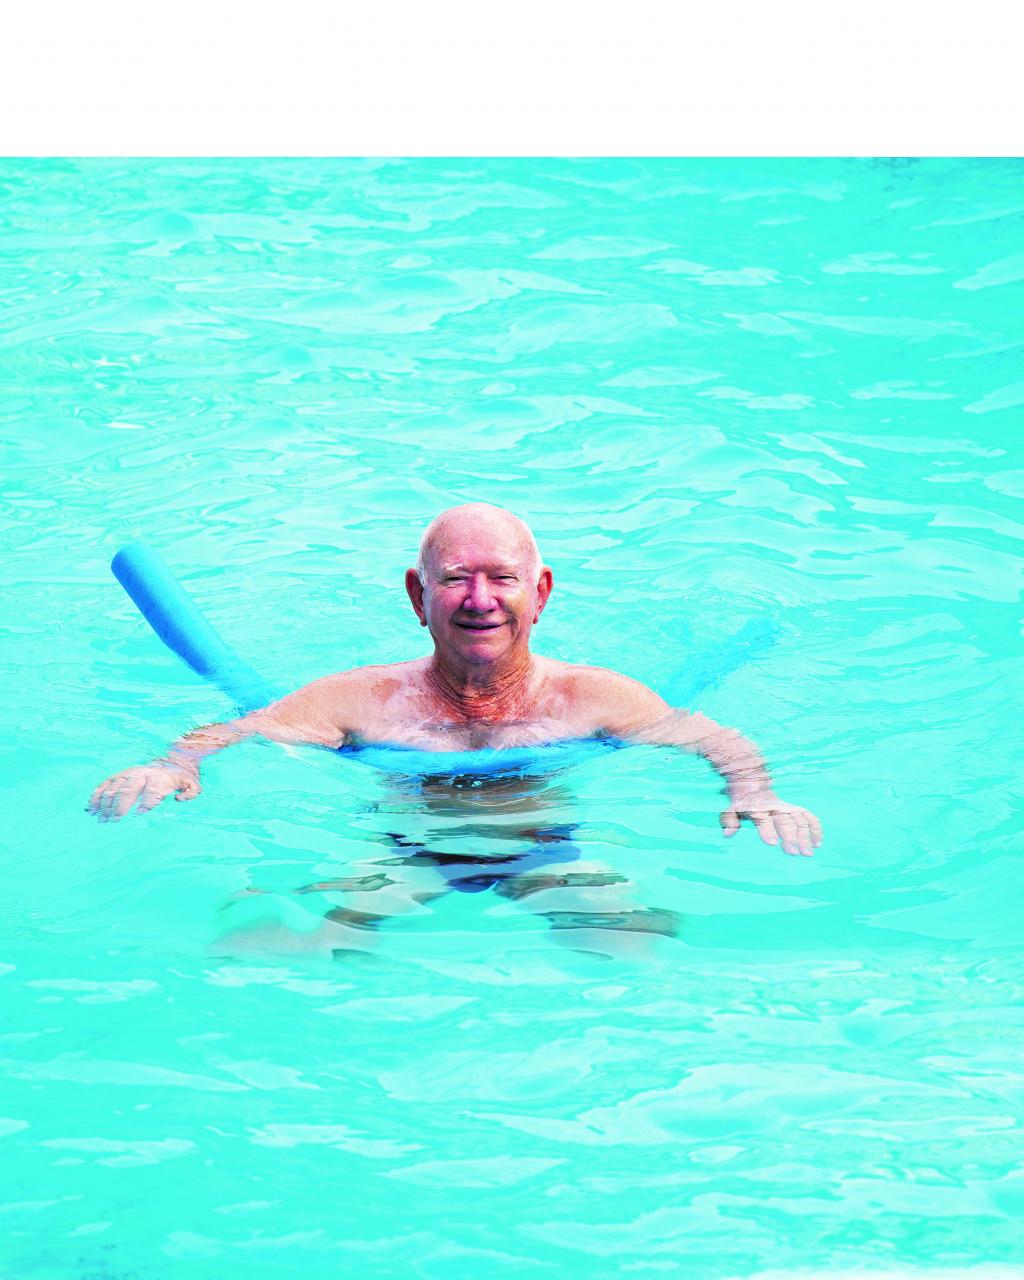 Zwemmen met dementie